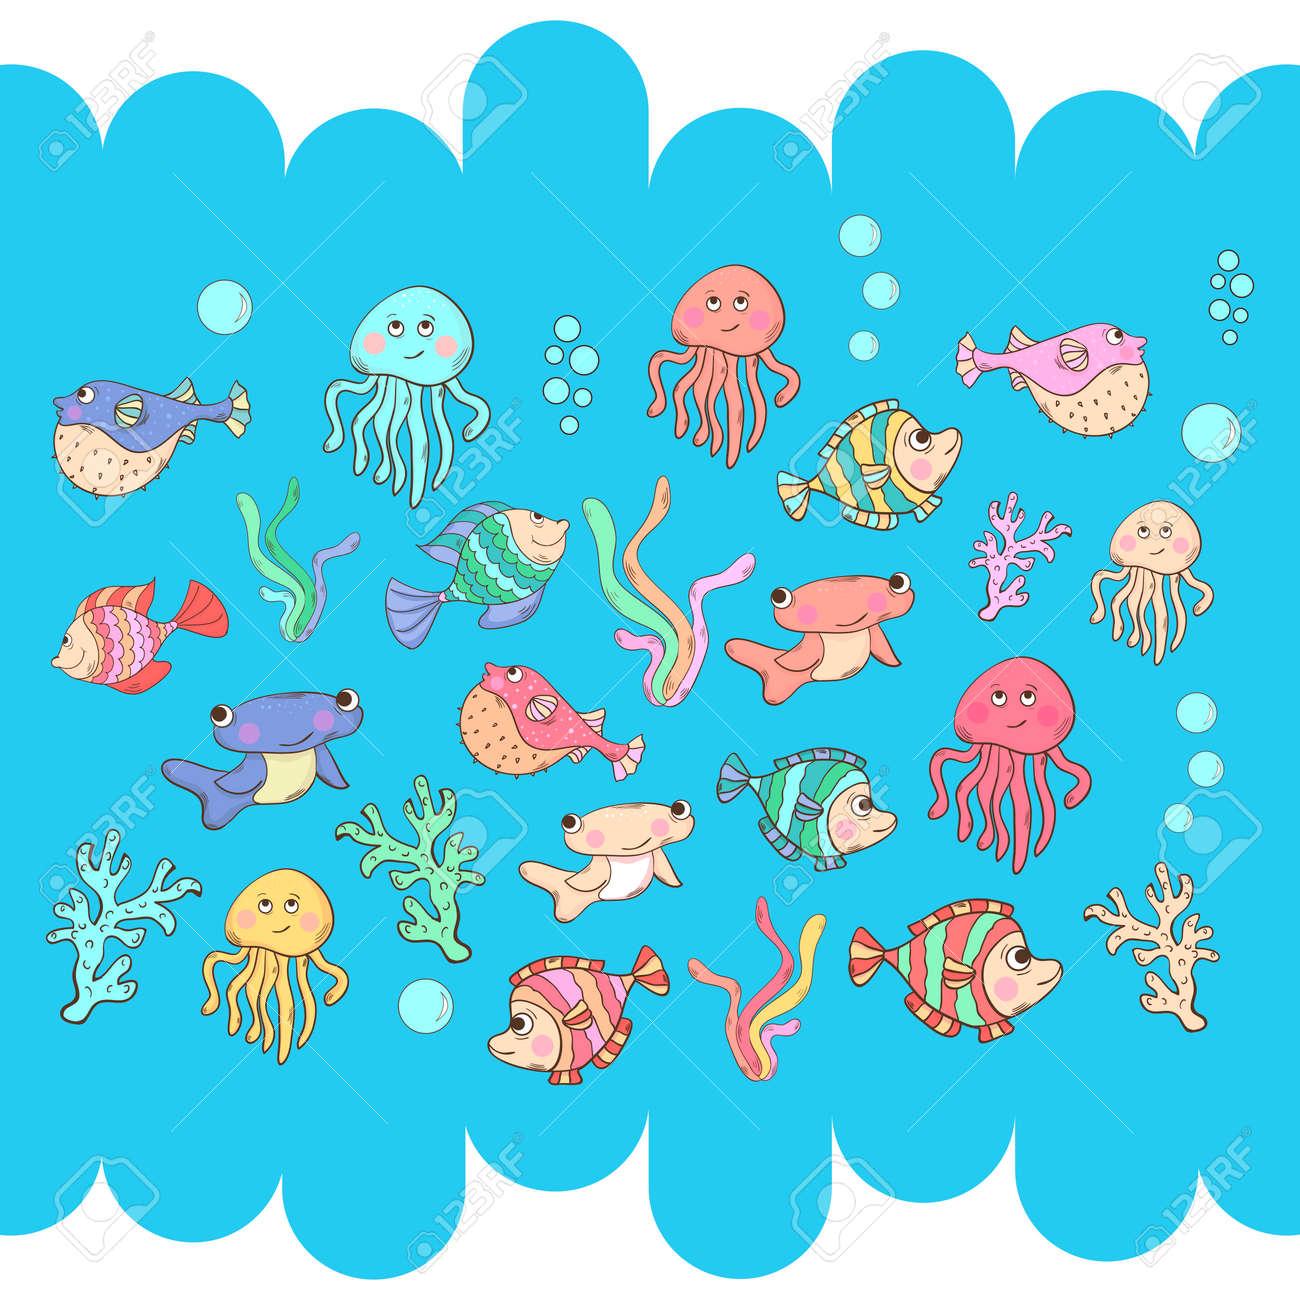 La Vie Marine Les Habitants De La Mer De Dessin Animé Isolés Sur Un Fond